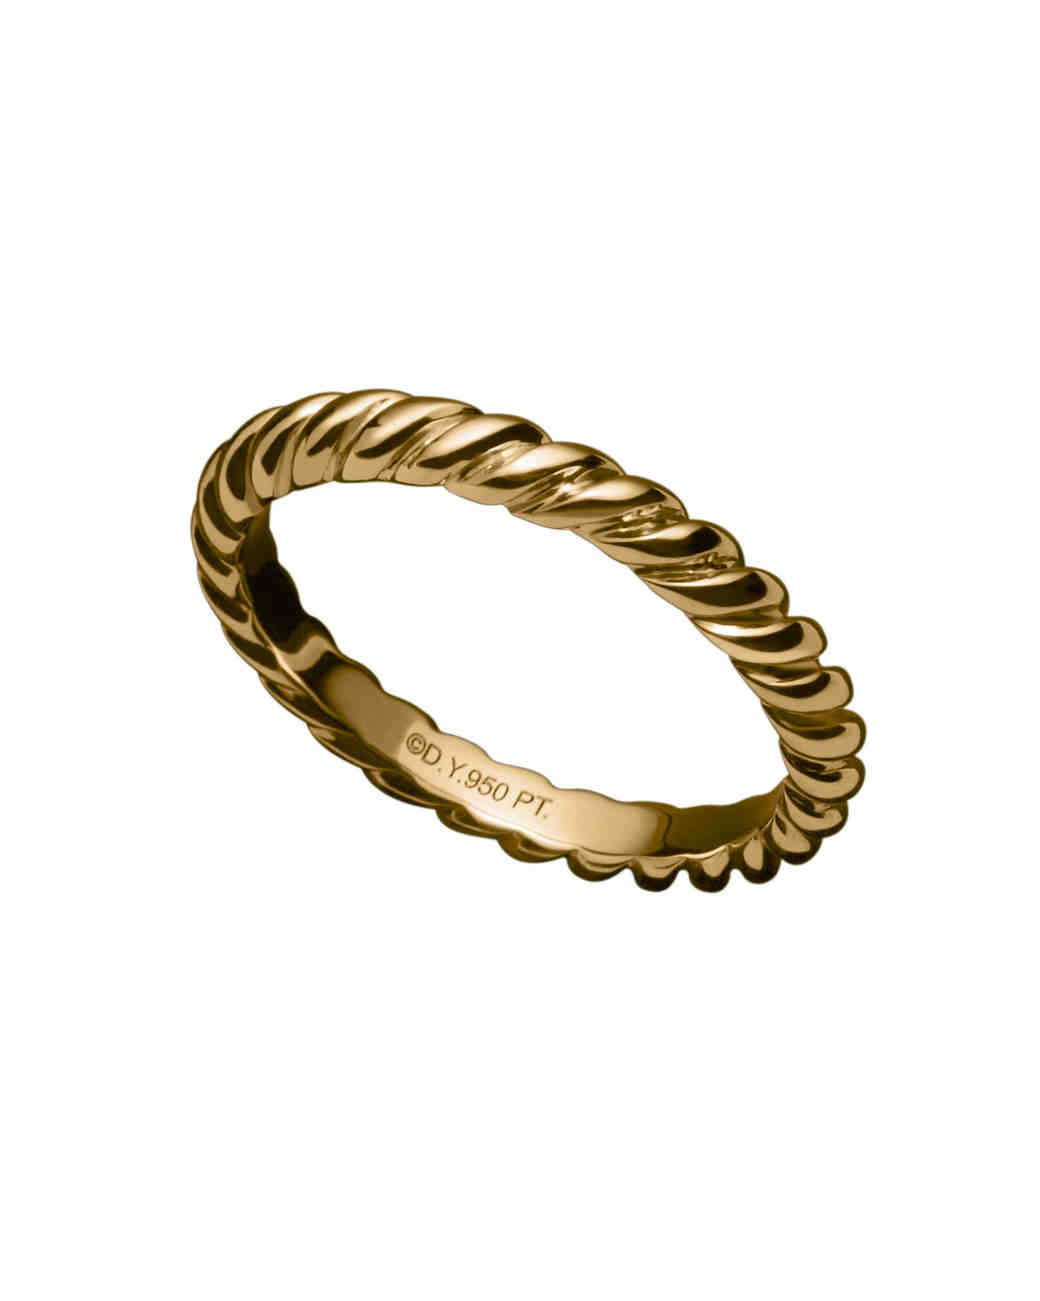 gold-wedding-bands-yurman-ring-0415.jpg